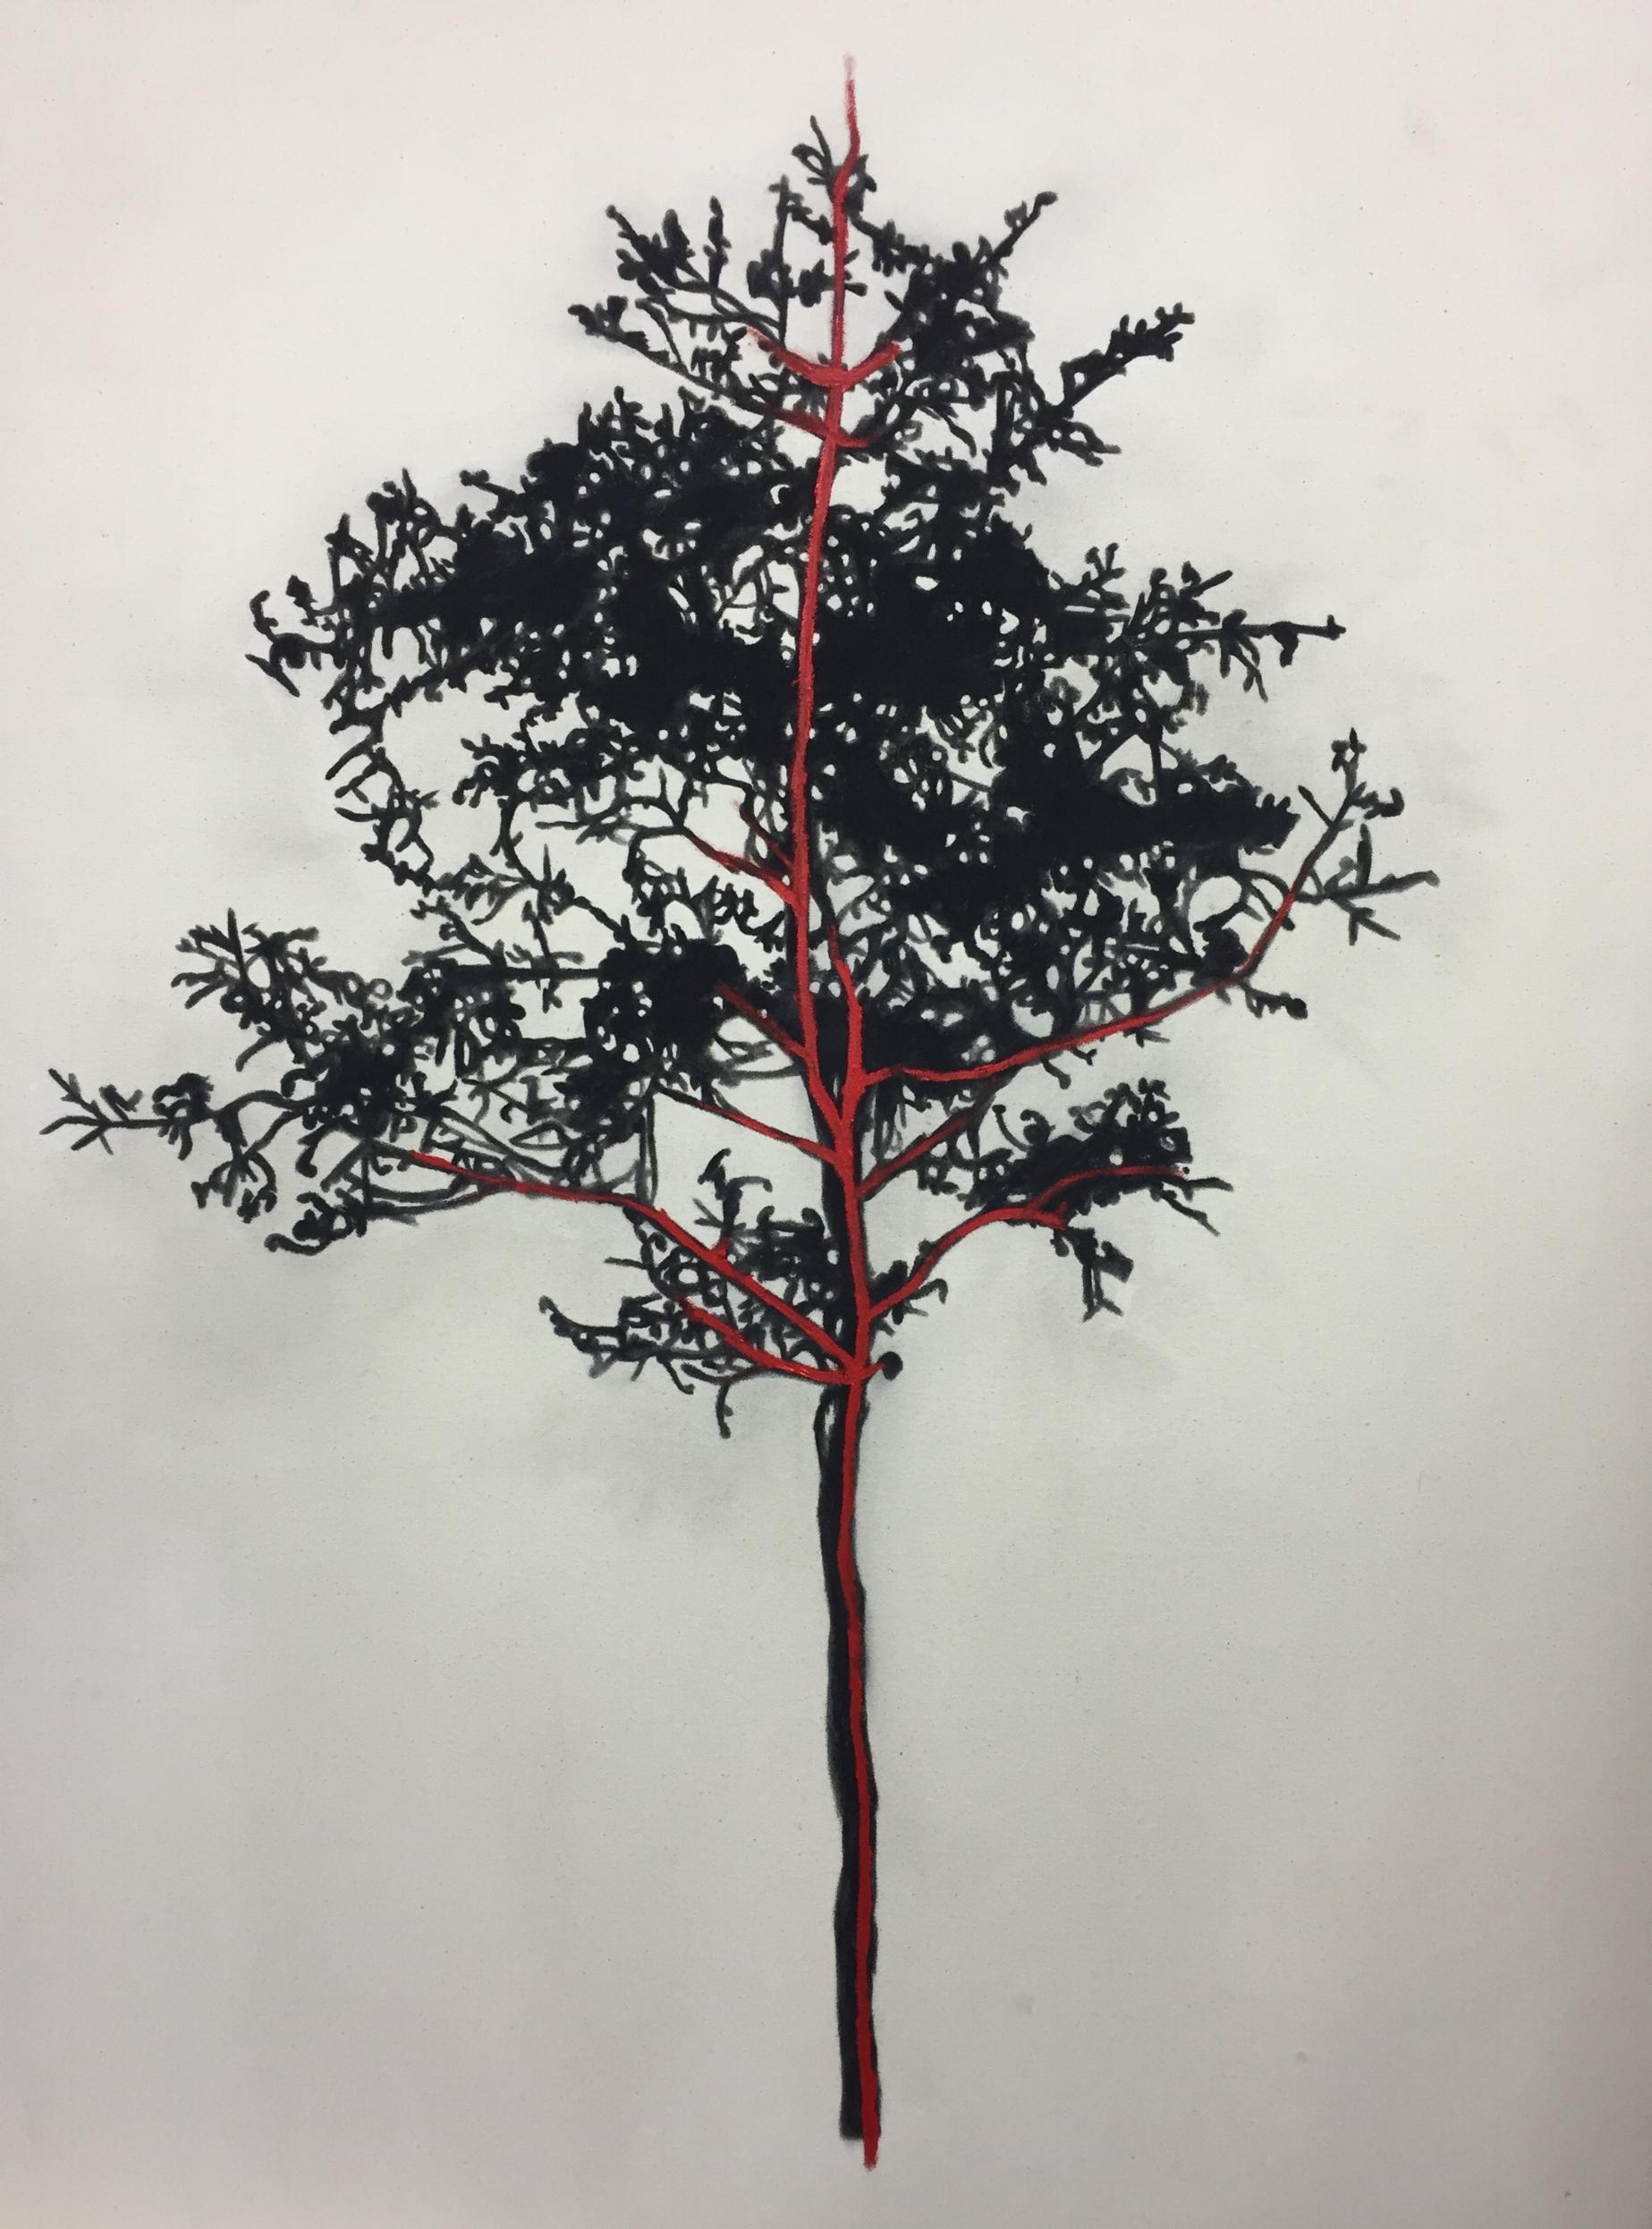 Étude pour arbre , 2015.Huile et fusain sur toile. 48 x 36 pouces.